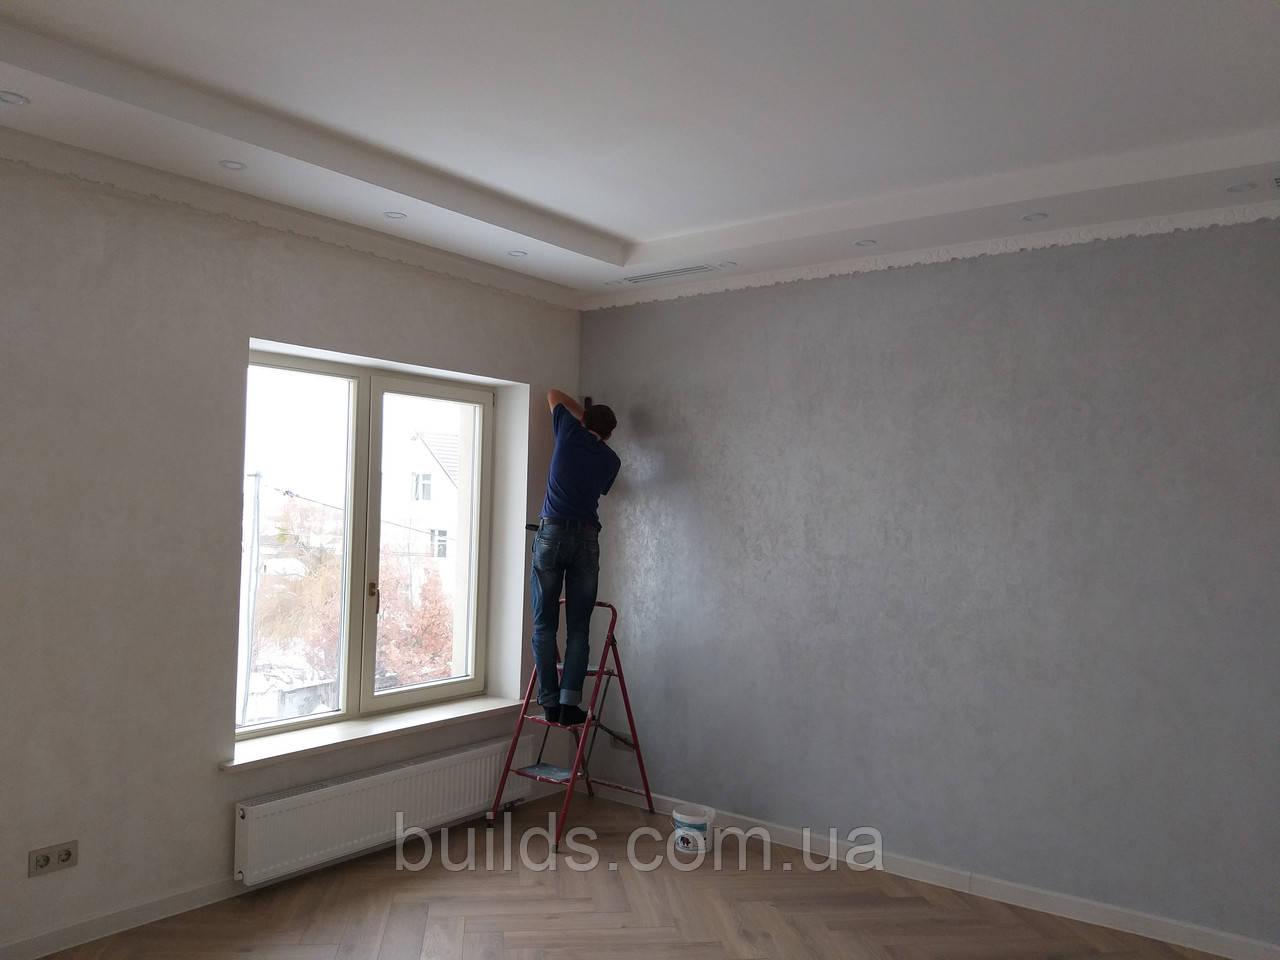 Покраска потолков